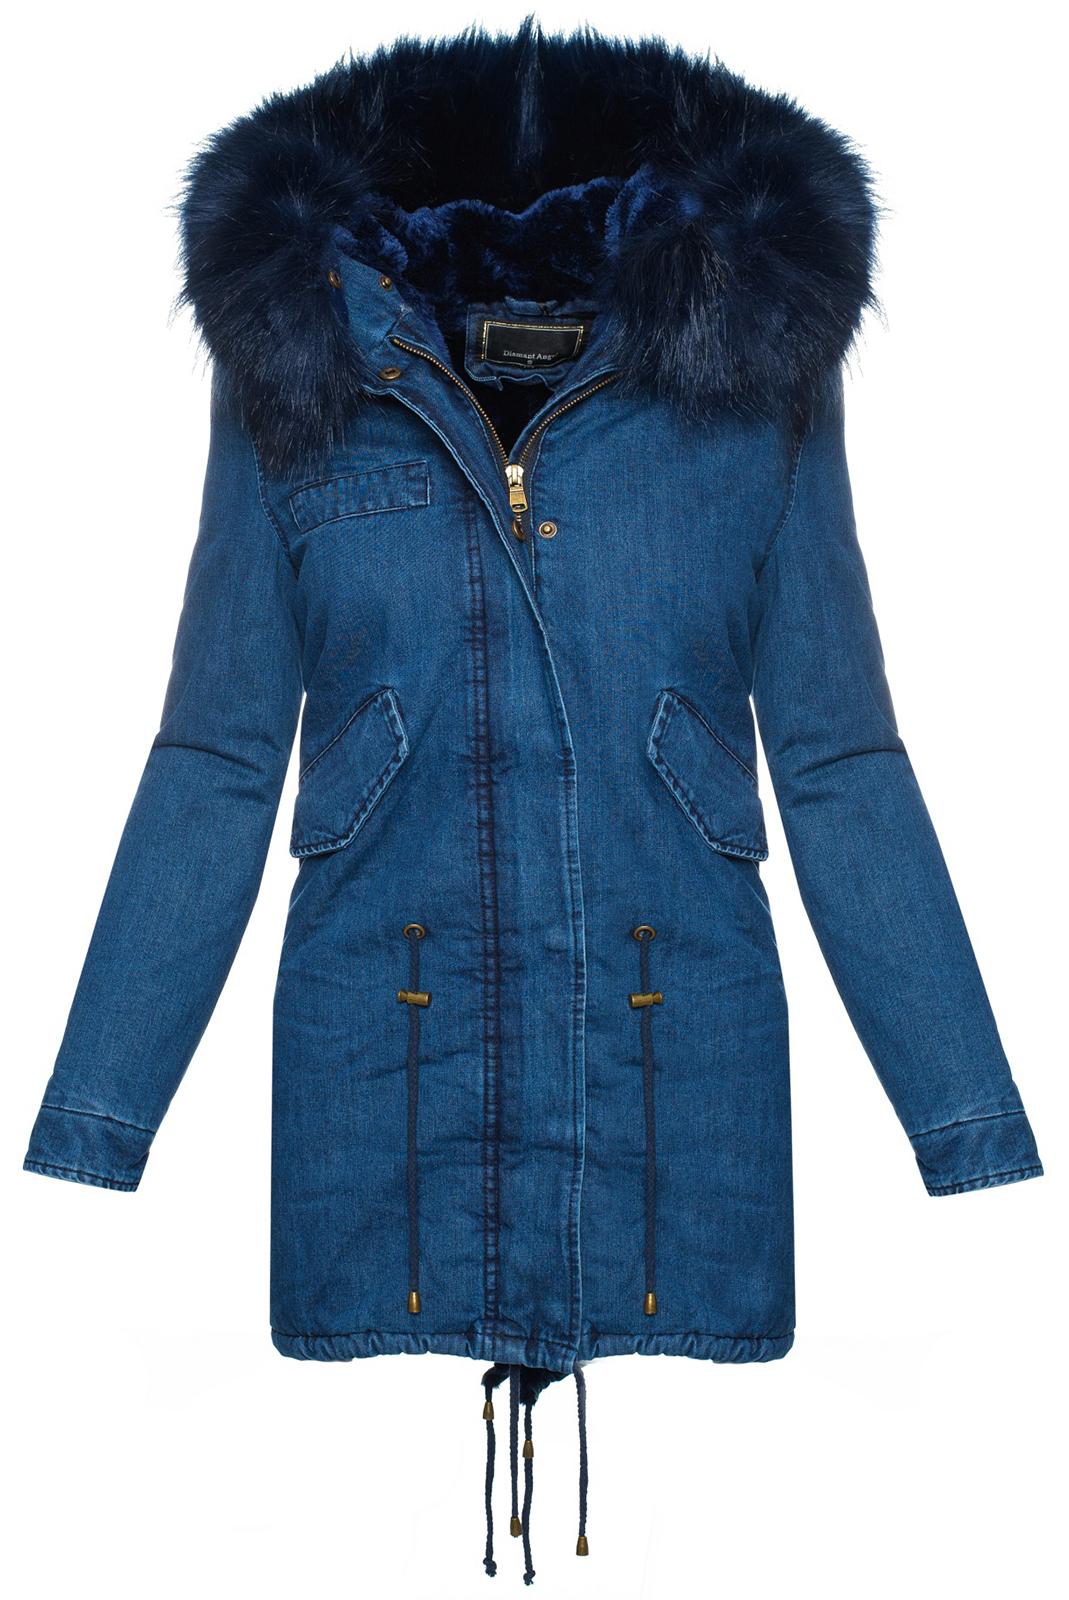 damen winter jacke jeansjacke damen mantel xxl fell kapuze. Black Bedroom Furniture Sets. Home Design Ideas